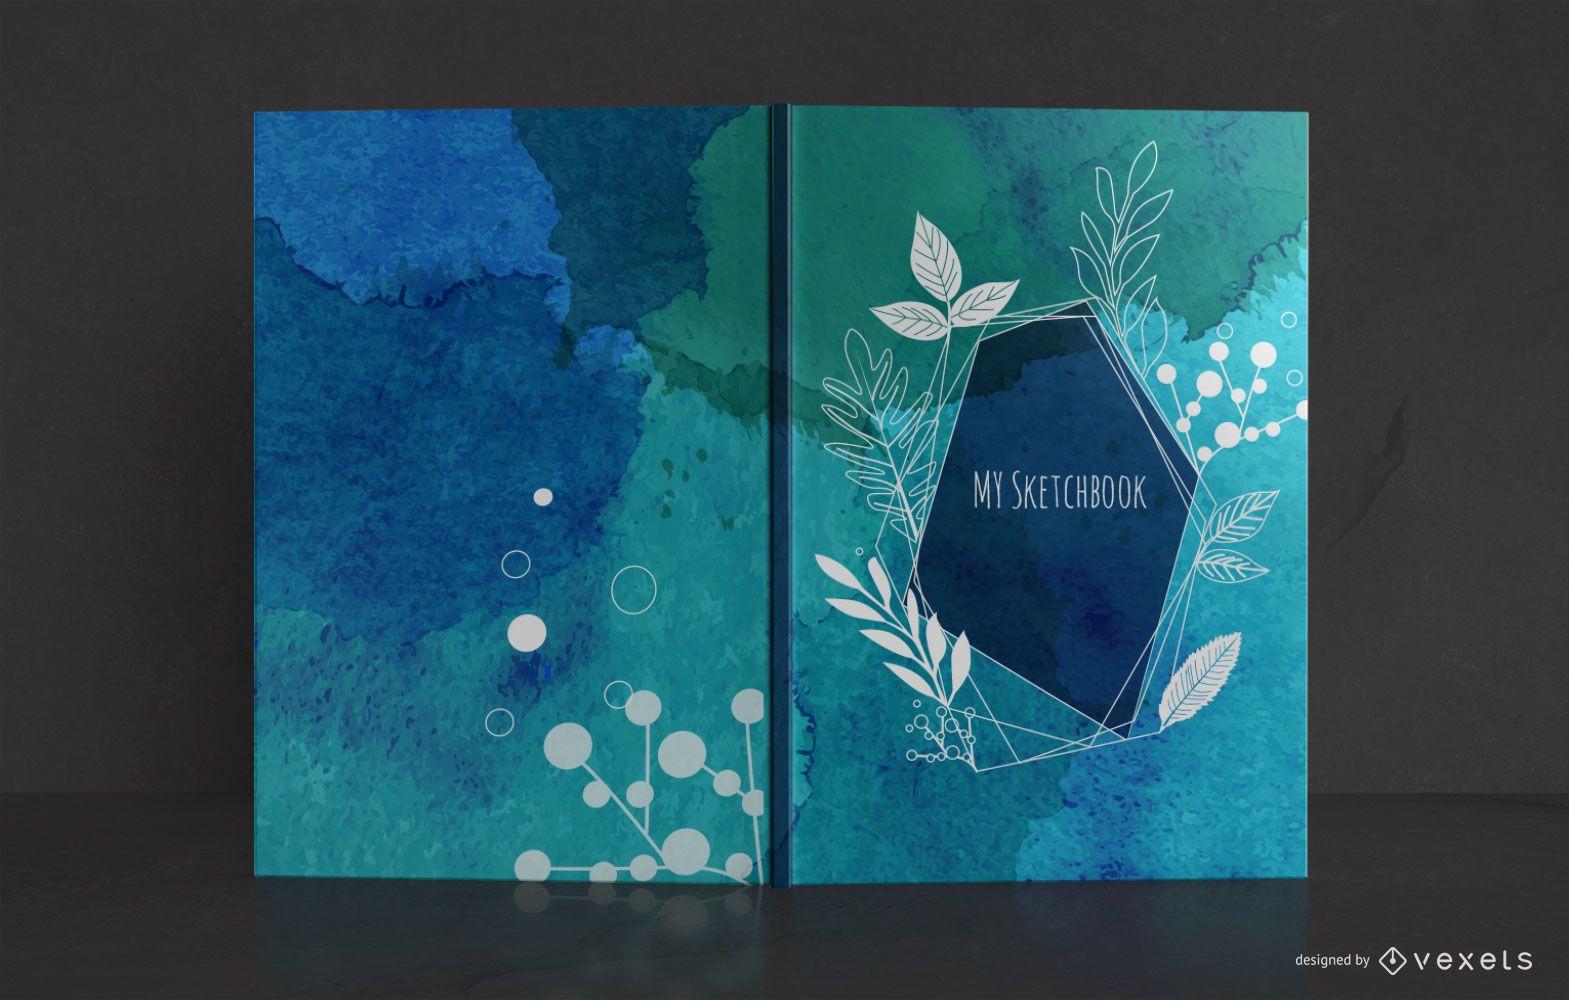 Diseño de portada de libro de cuaderno de bocetos en acuarela